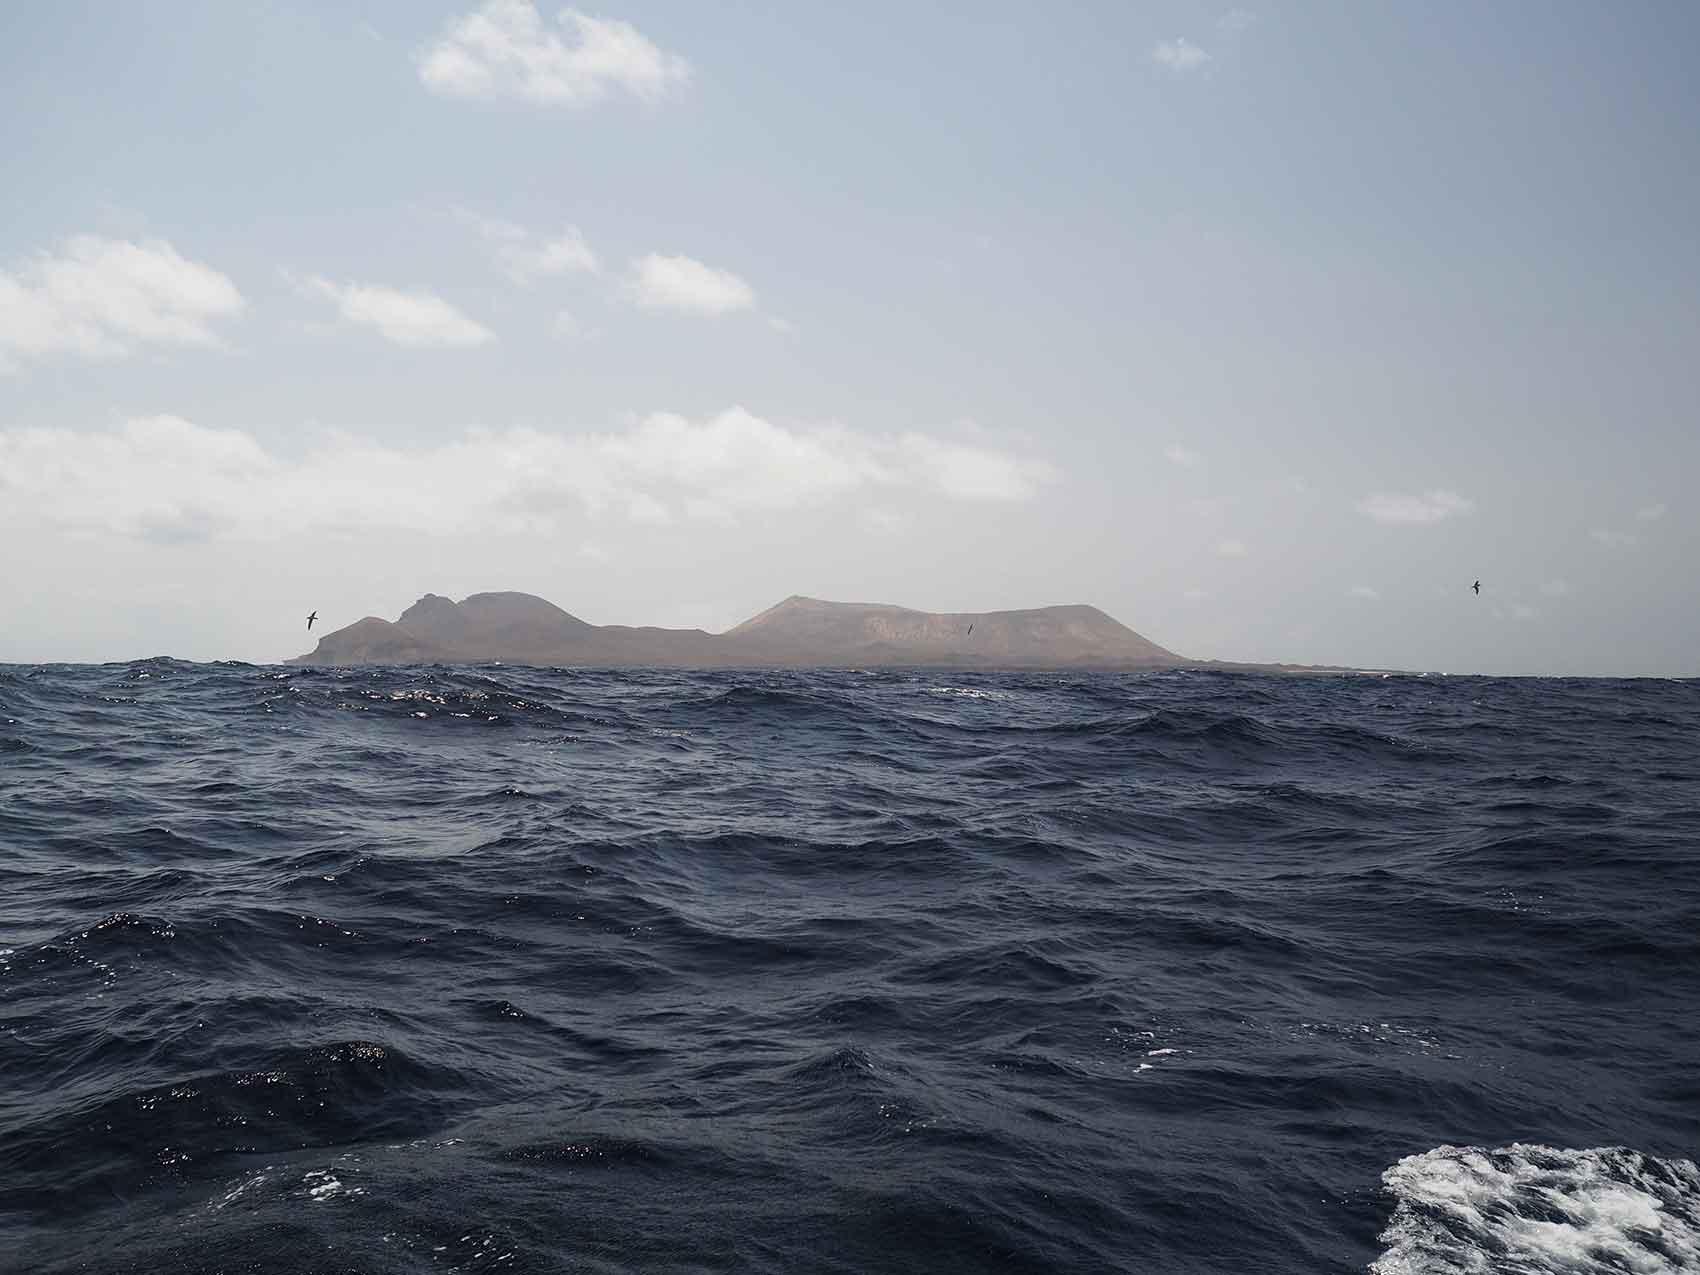 Arrivée aux îles Canaries, avec l'aperçu de l'île Alegranza, au nord de La Graciosa.